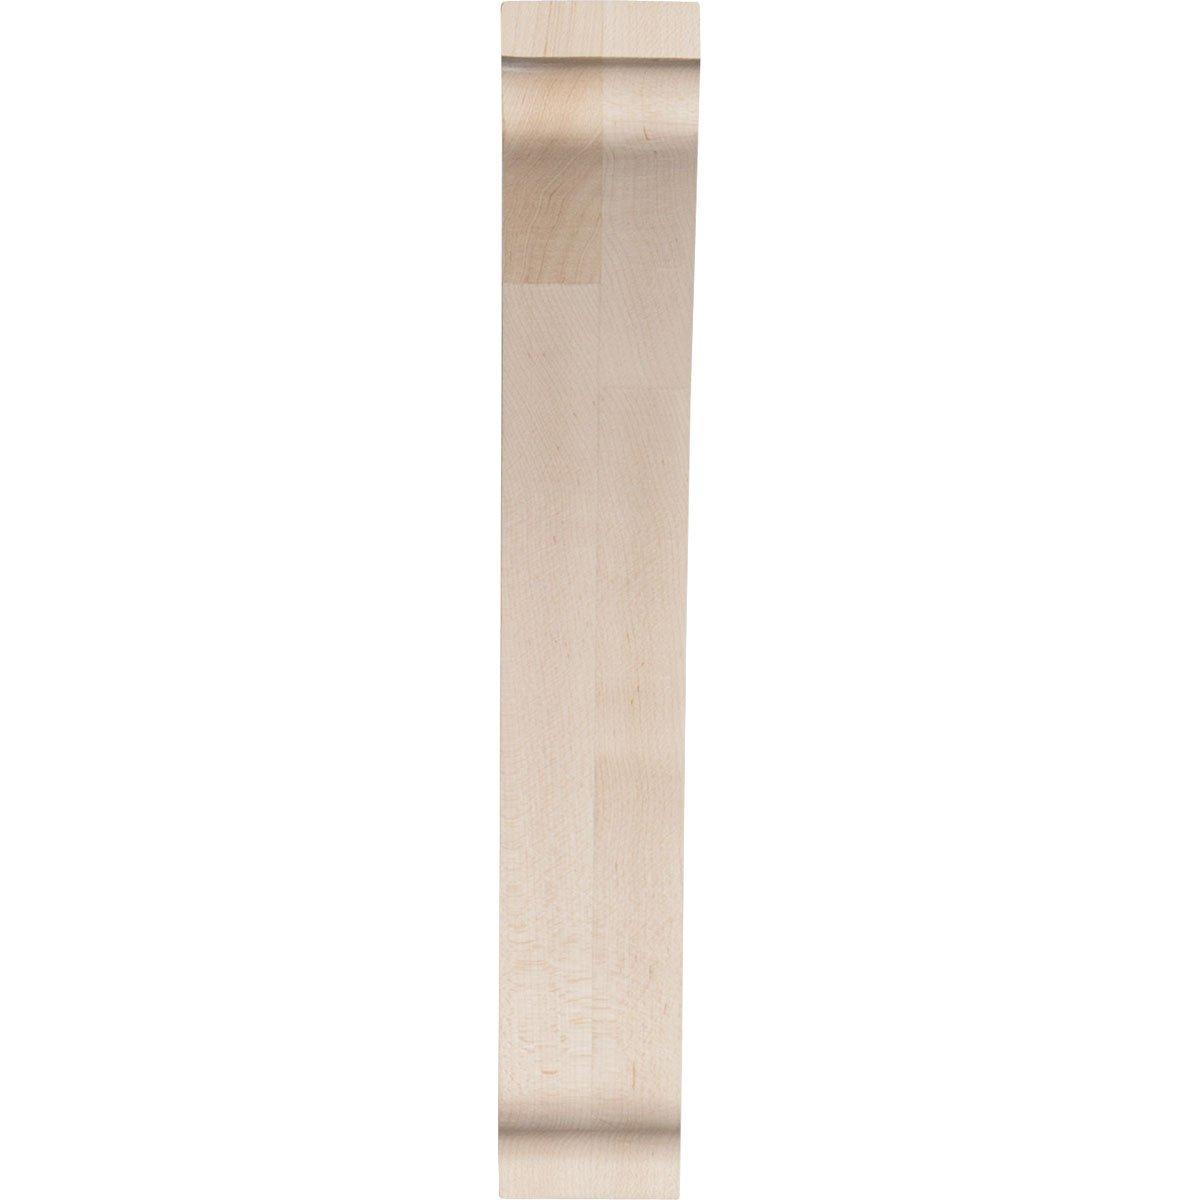 Ekena Millwork BKTW01X08X12THRW-CASE-6 1 3//4W x 8 1//2D x 12H Large Thorton Wood Bracket x x Piece 6-Pack Rubberwood